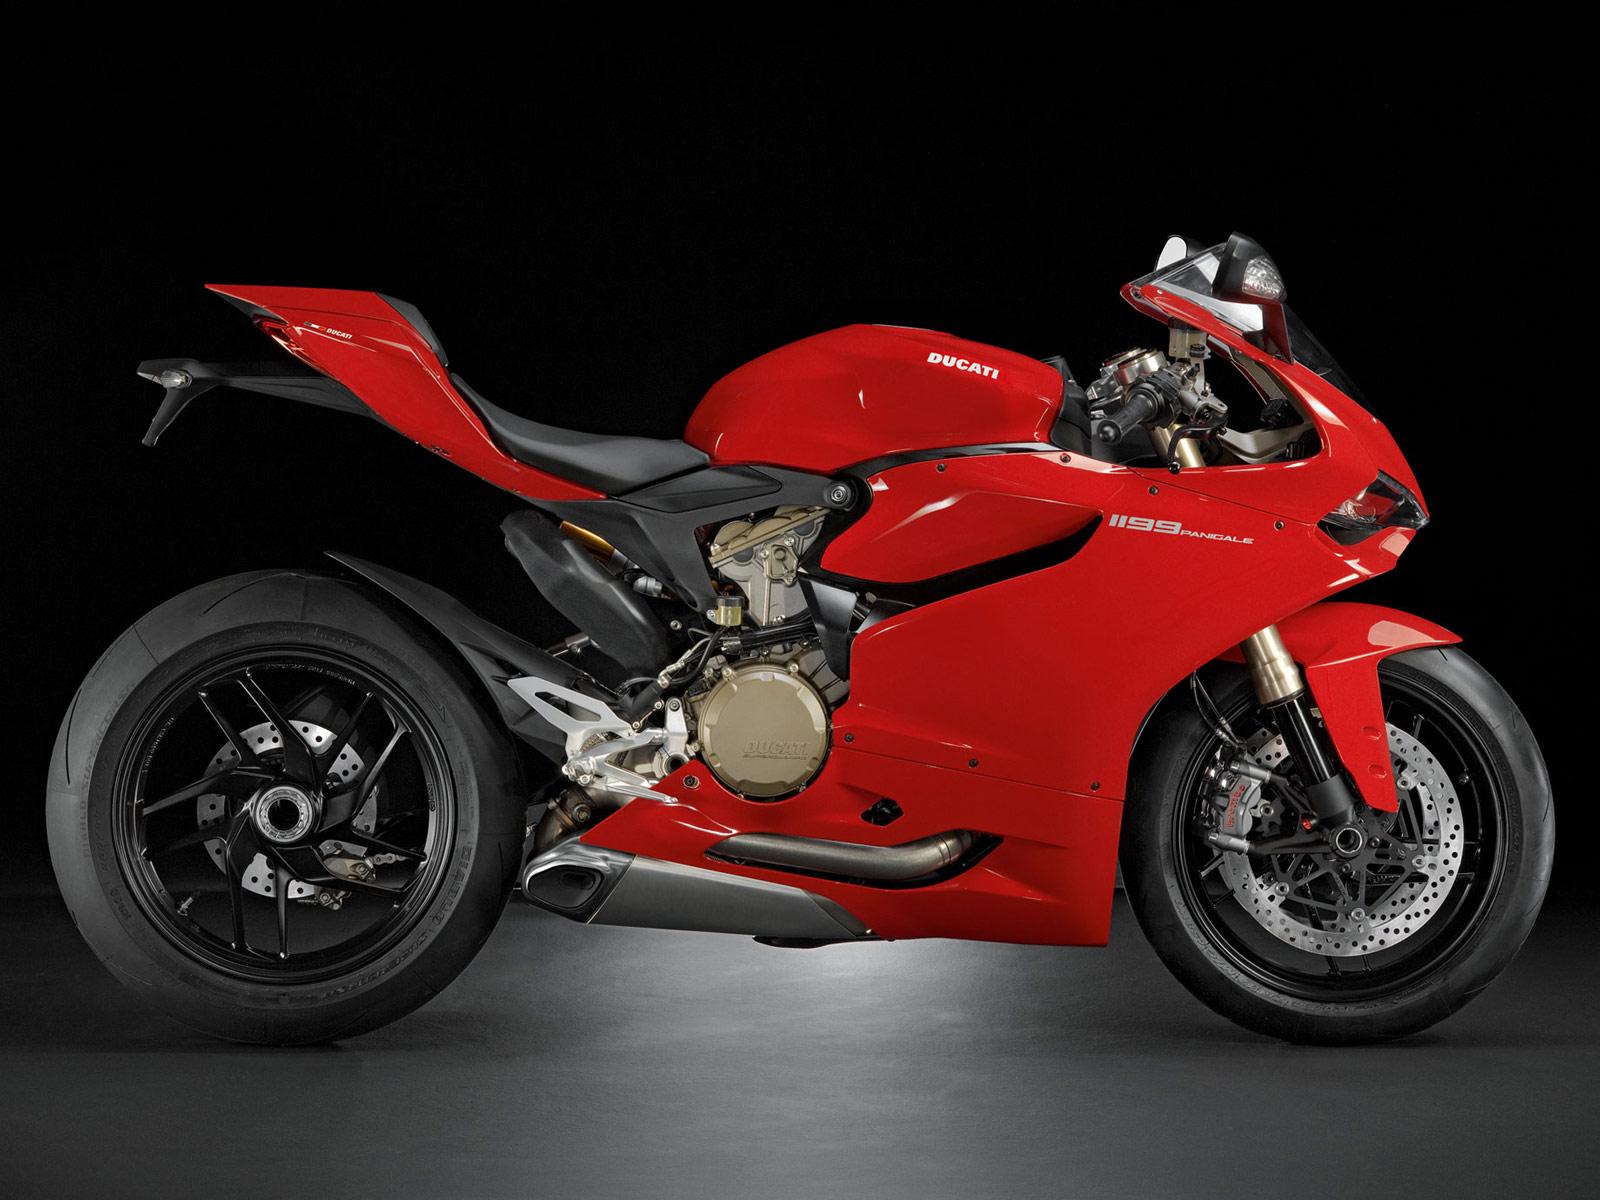 2012 DUCATI 1199 Panigale Motorcycle Desktop Wallpapers 1600x1200